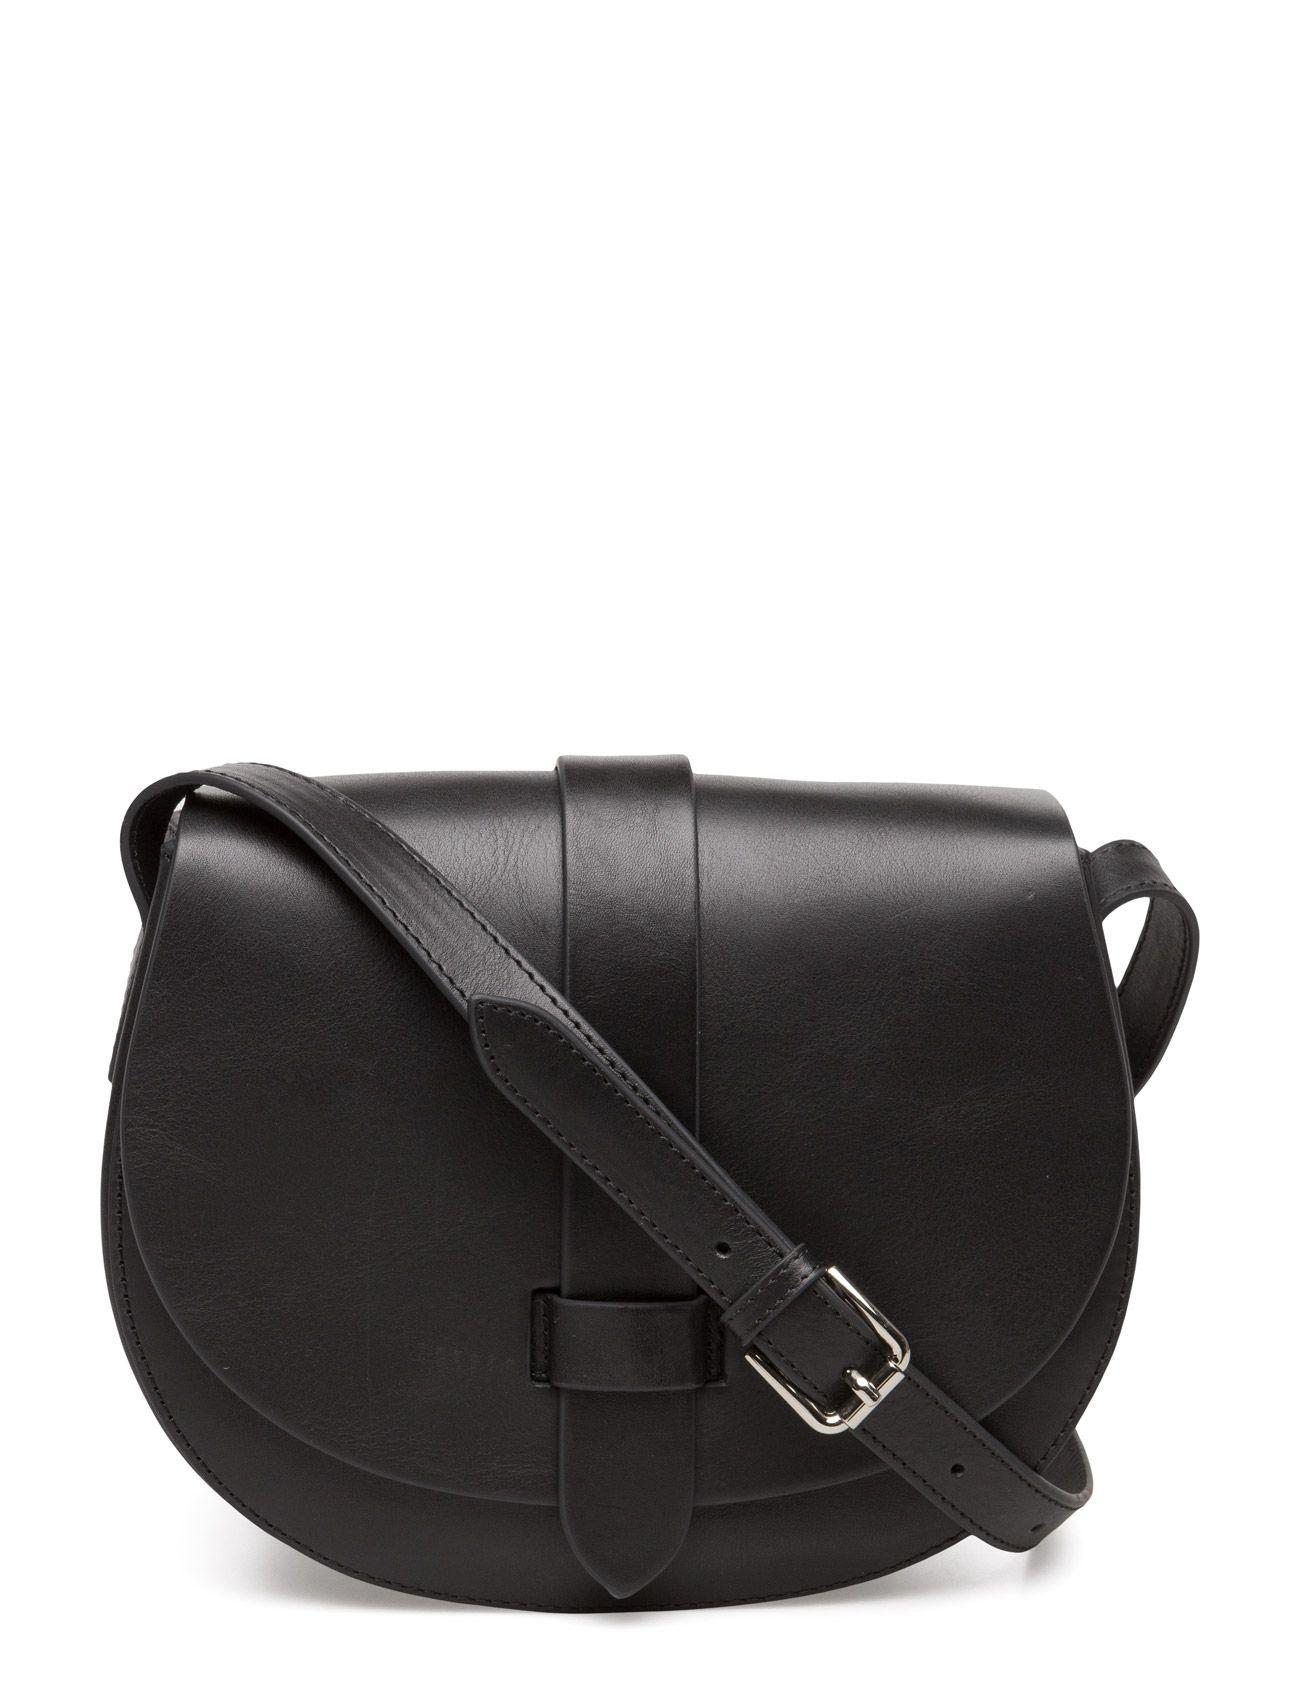 Small satchel bag